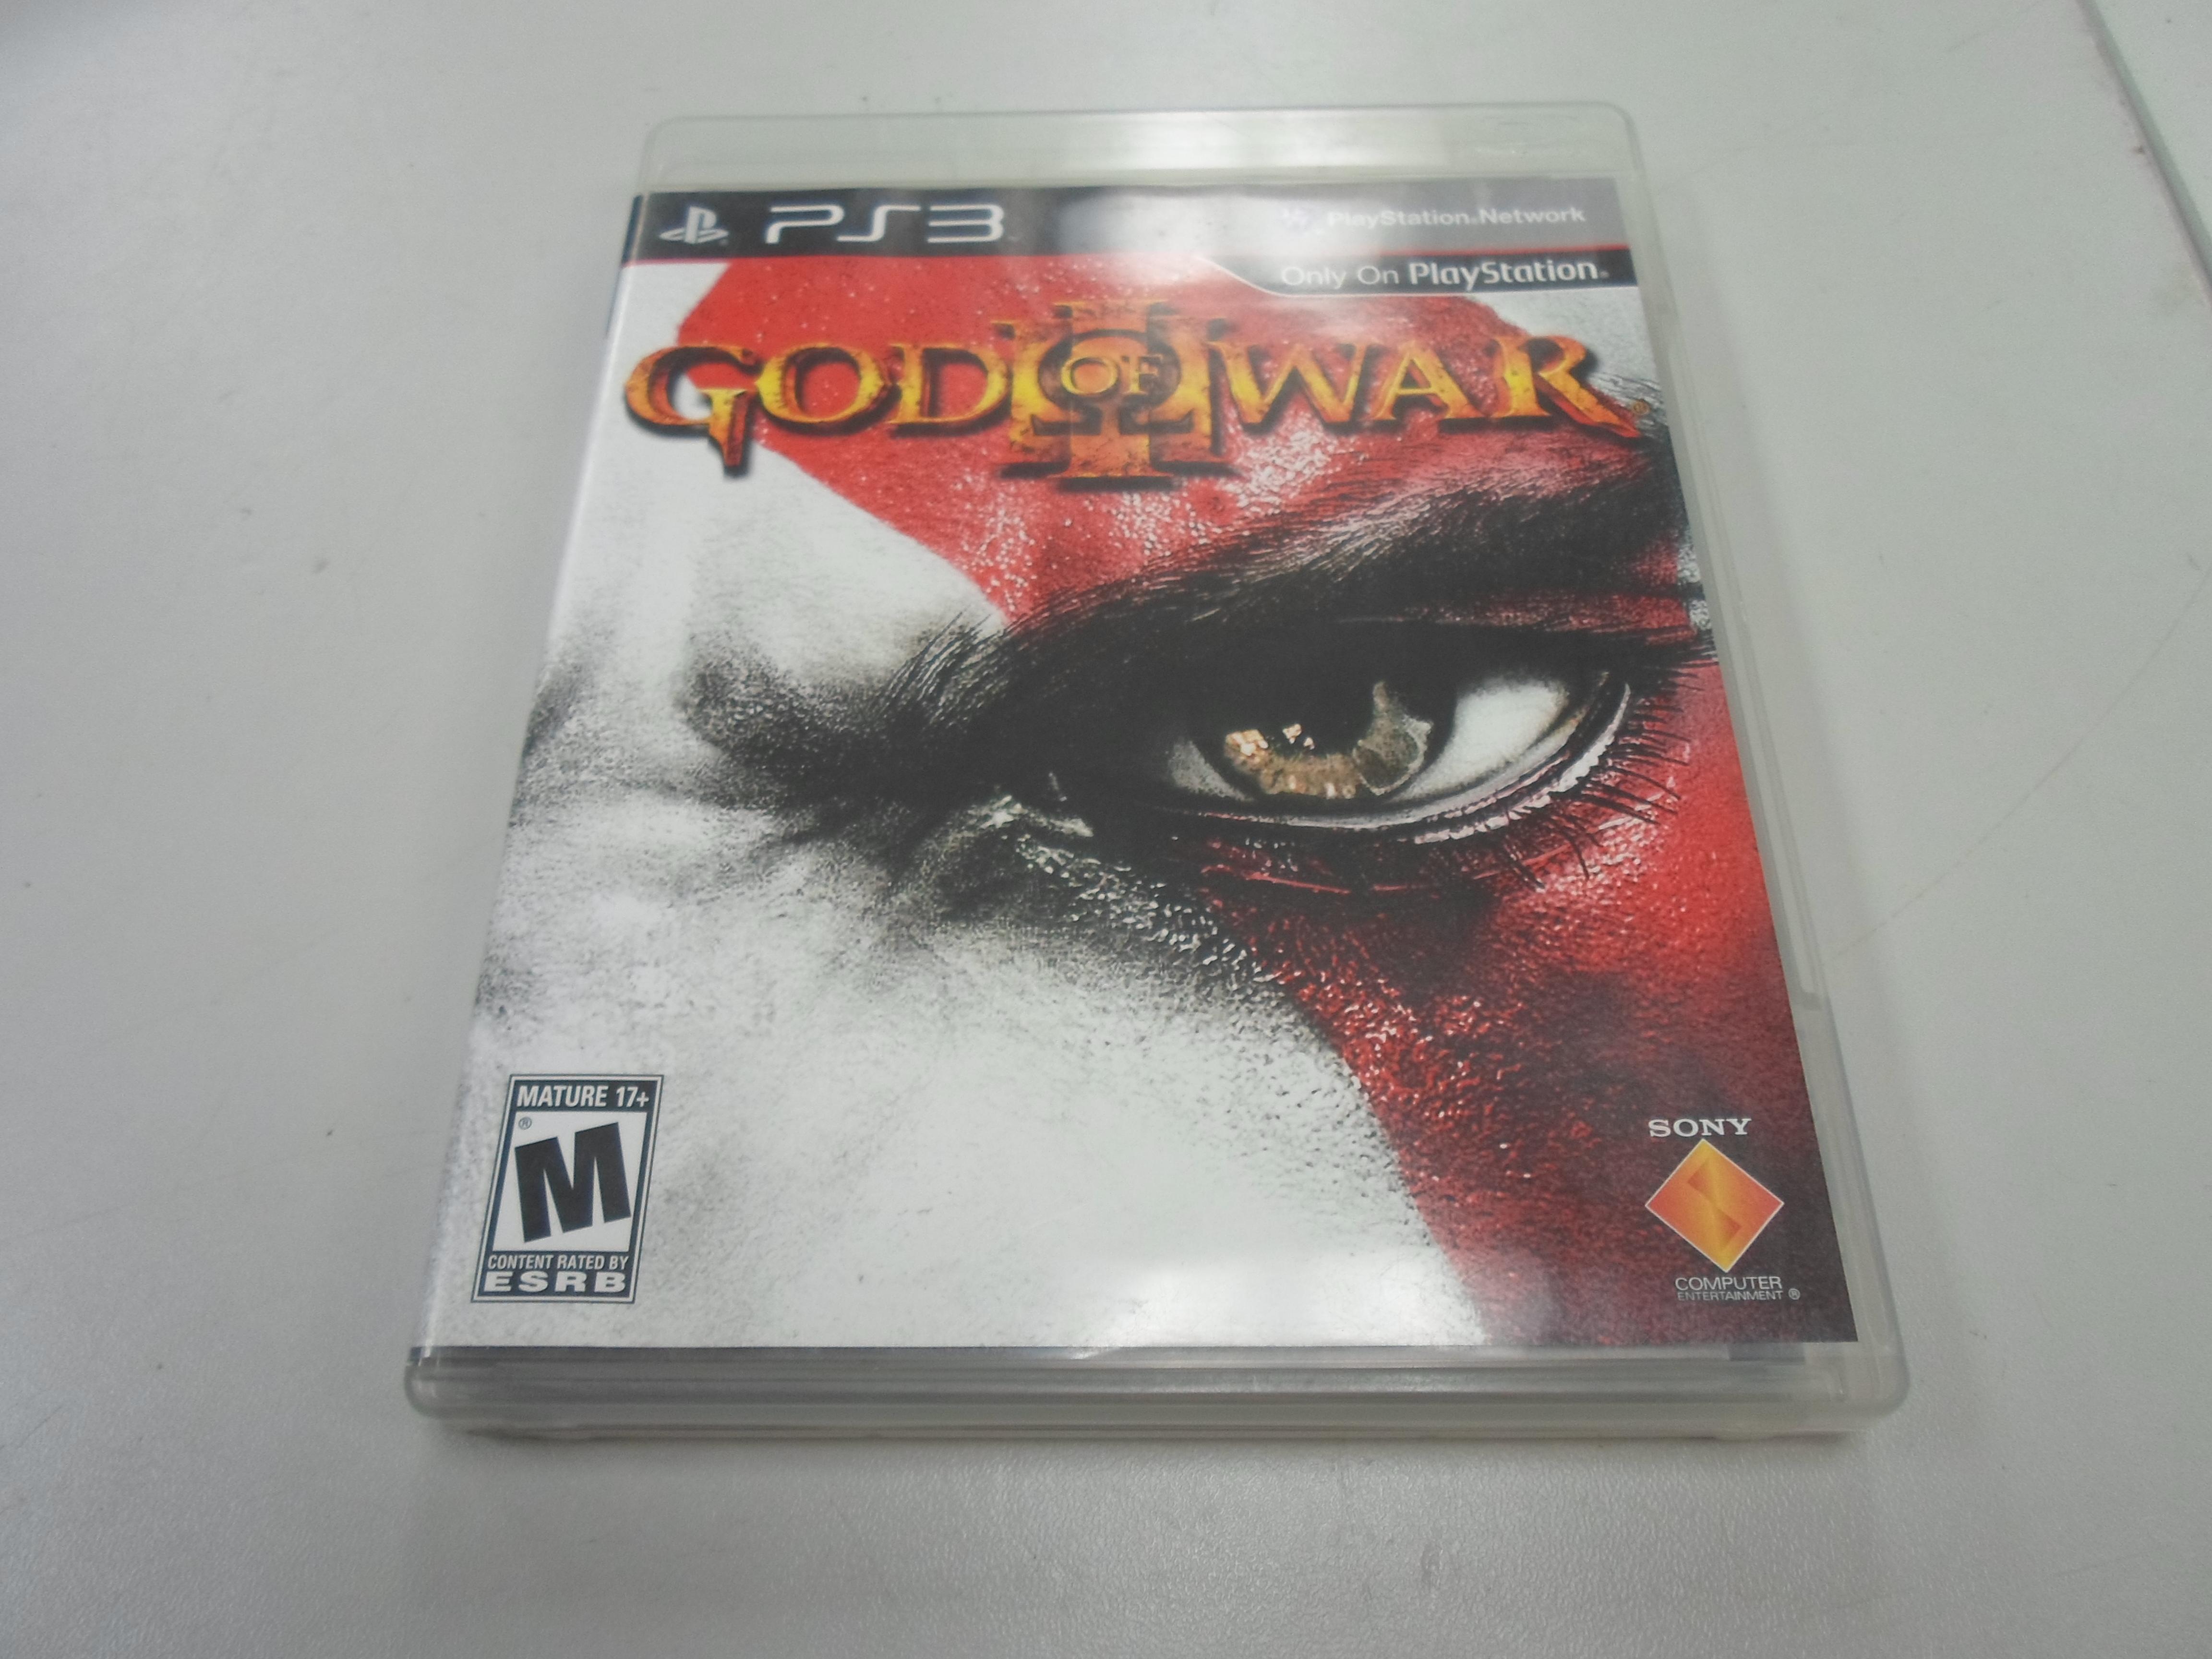 GOD OF WAR 3 - PLAYSTATION 3 GAME